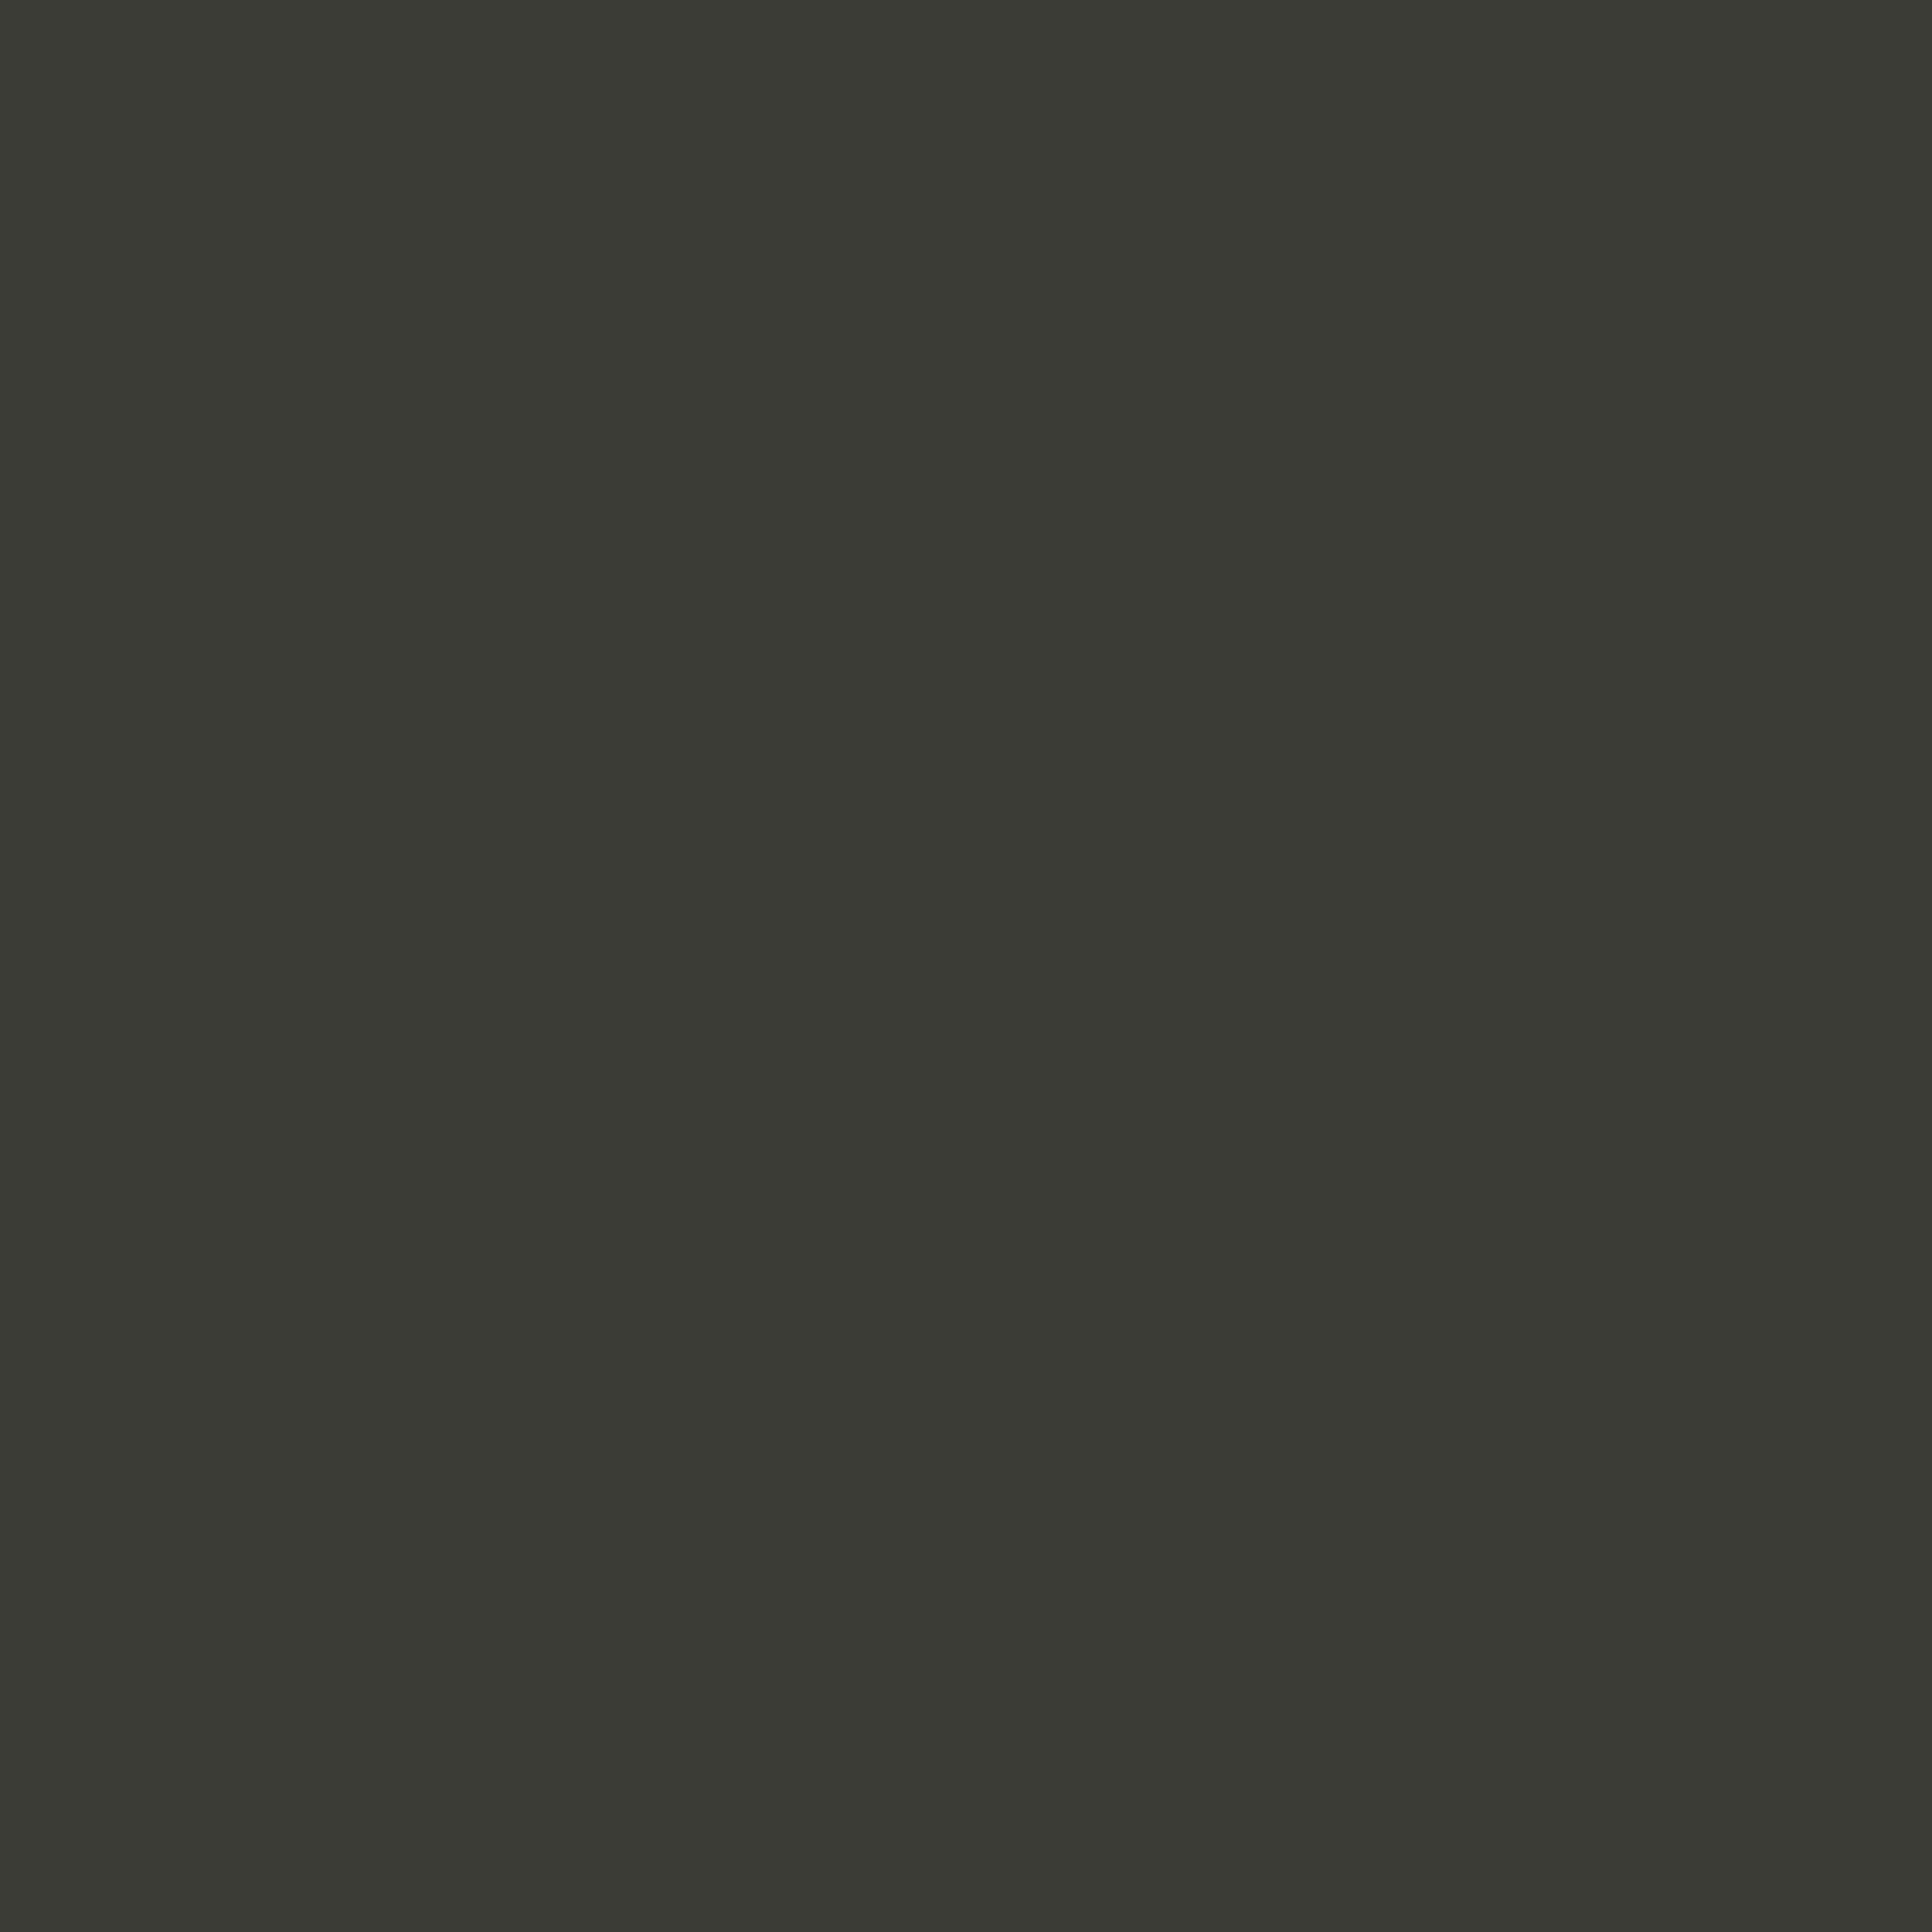 2048x2048 Black Olive Solid Color Background